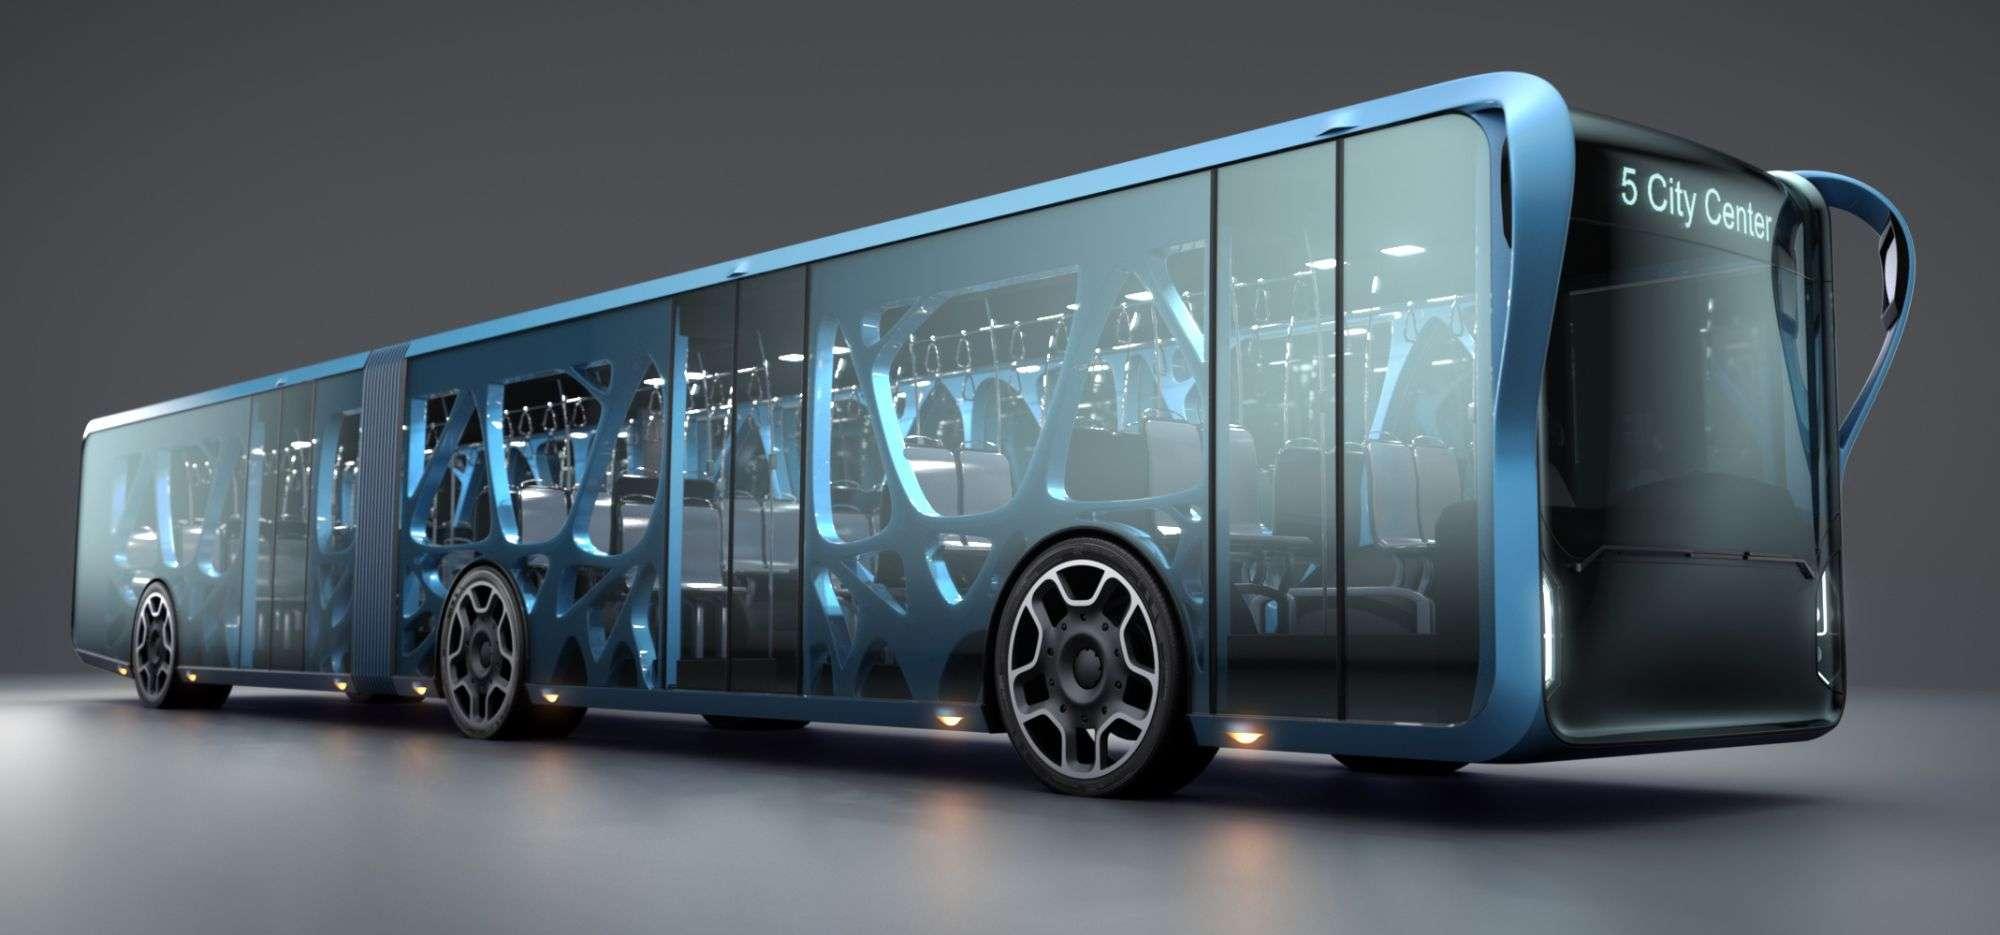 концепт автобуса